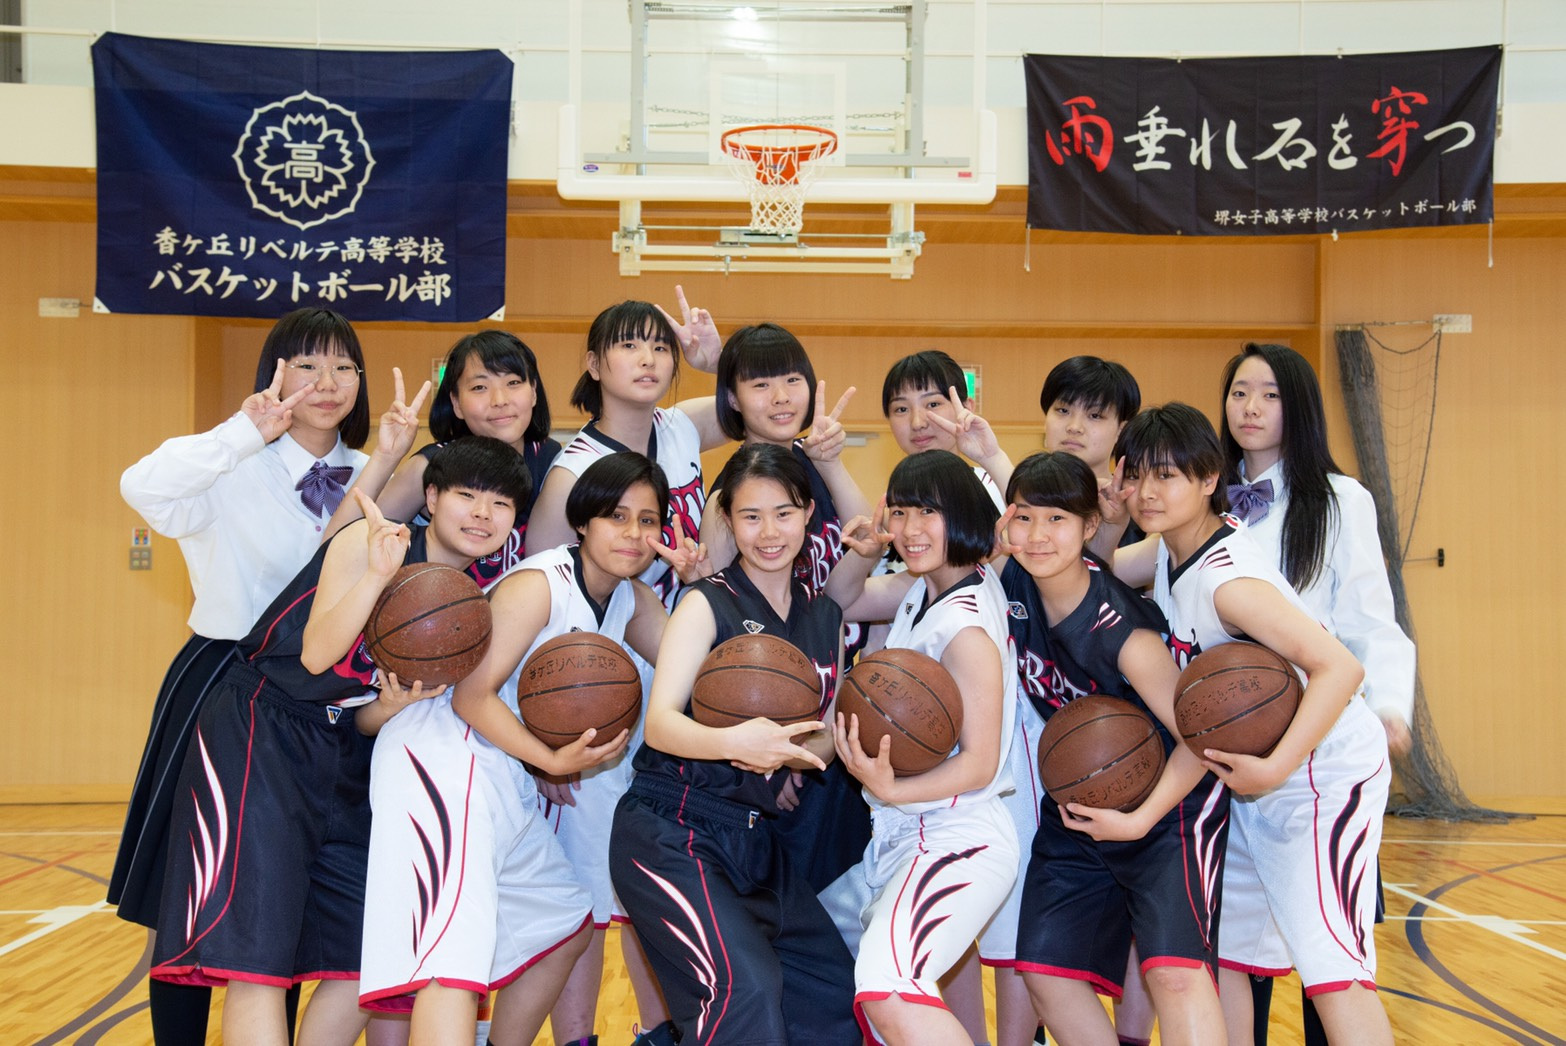 香 ヶ 丘 リベルテ 高等 学校